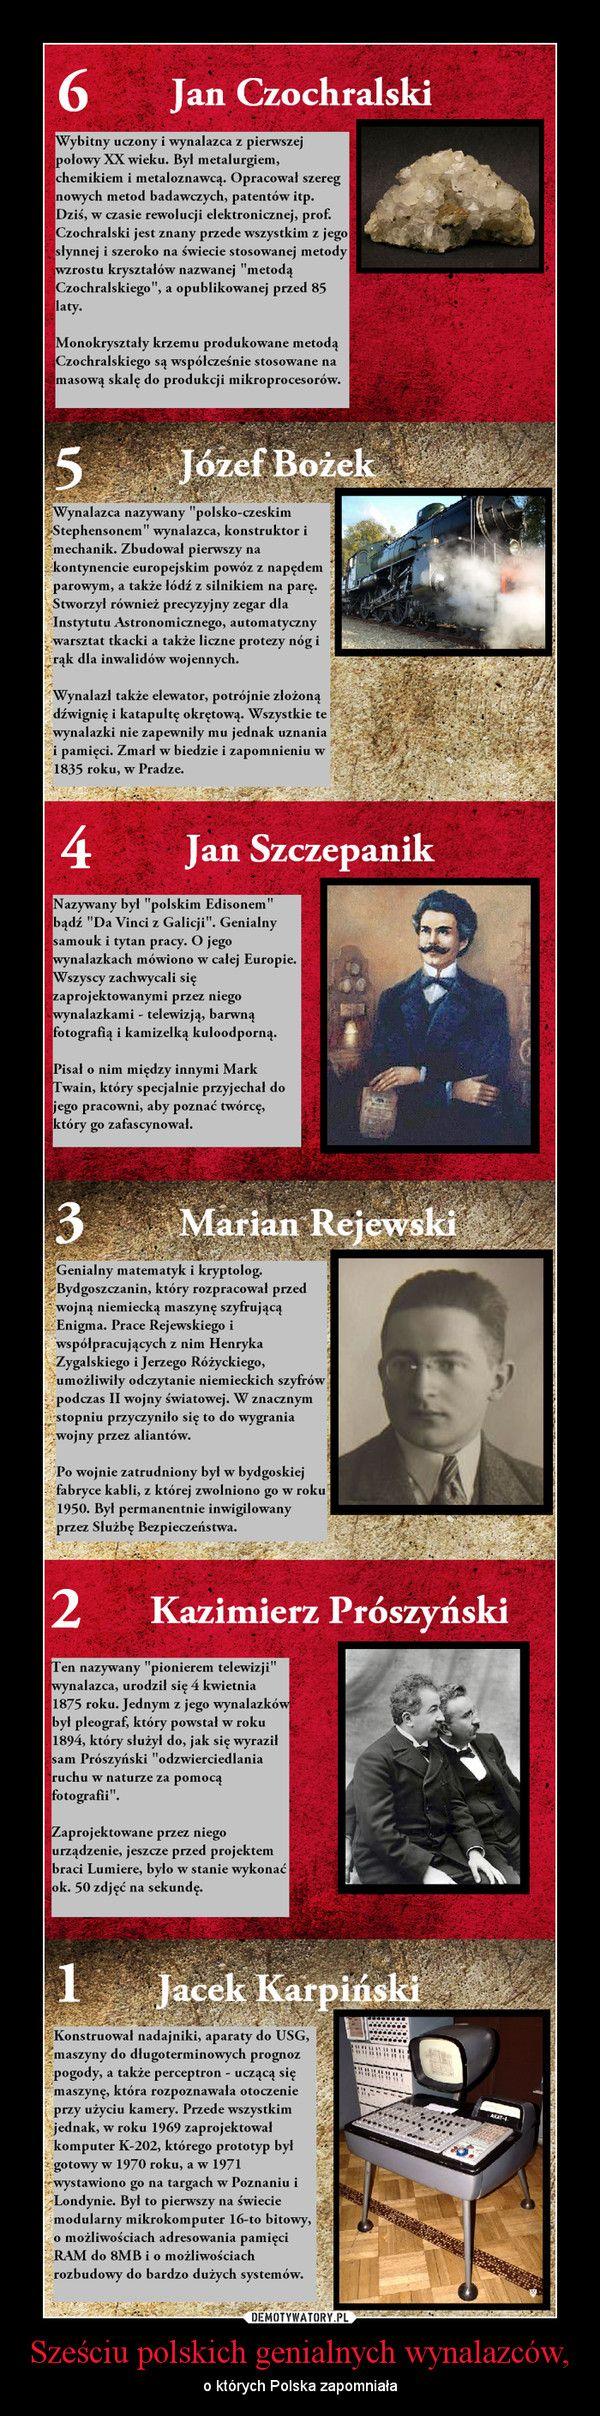 Sześciu polskich genialnych wynalazców, – o których Polska zapomniała